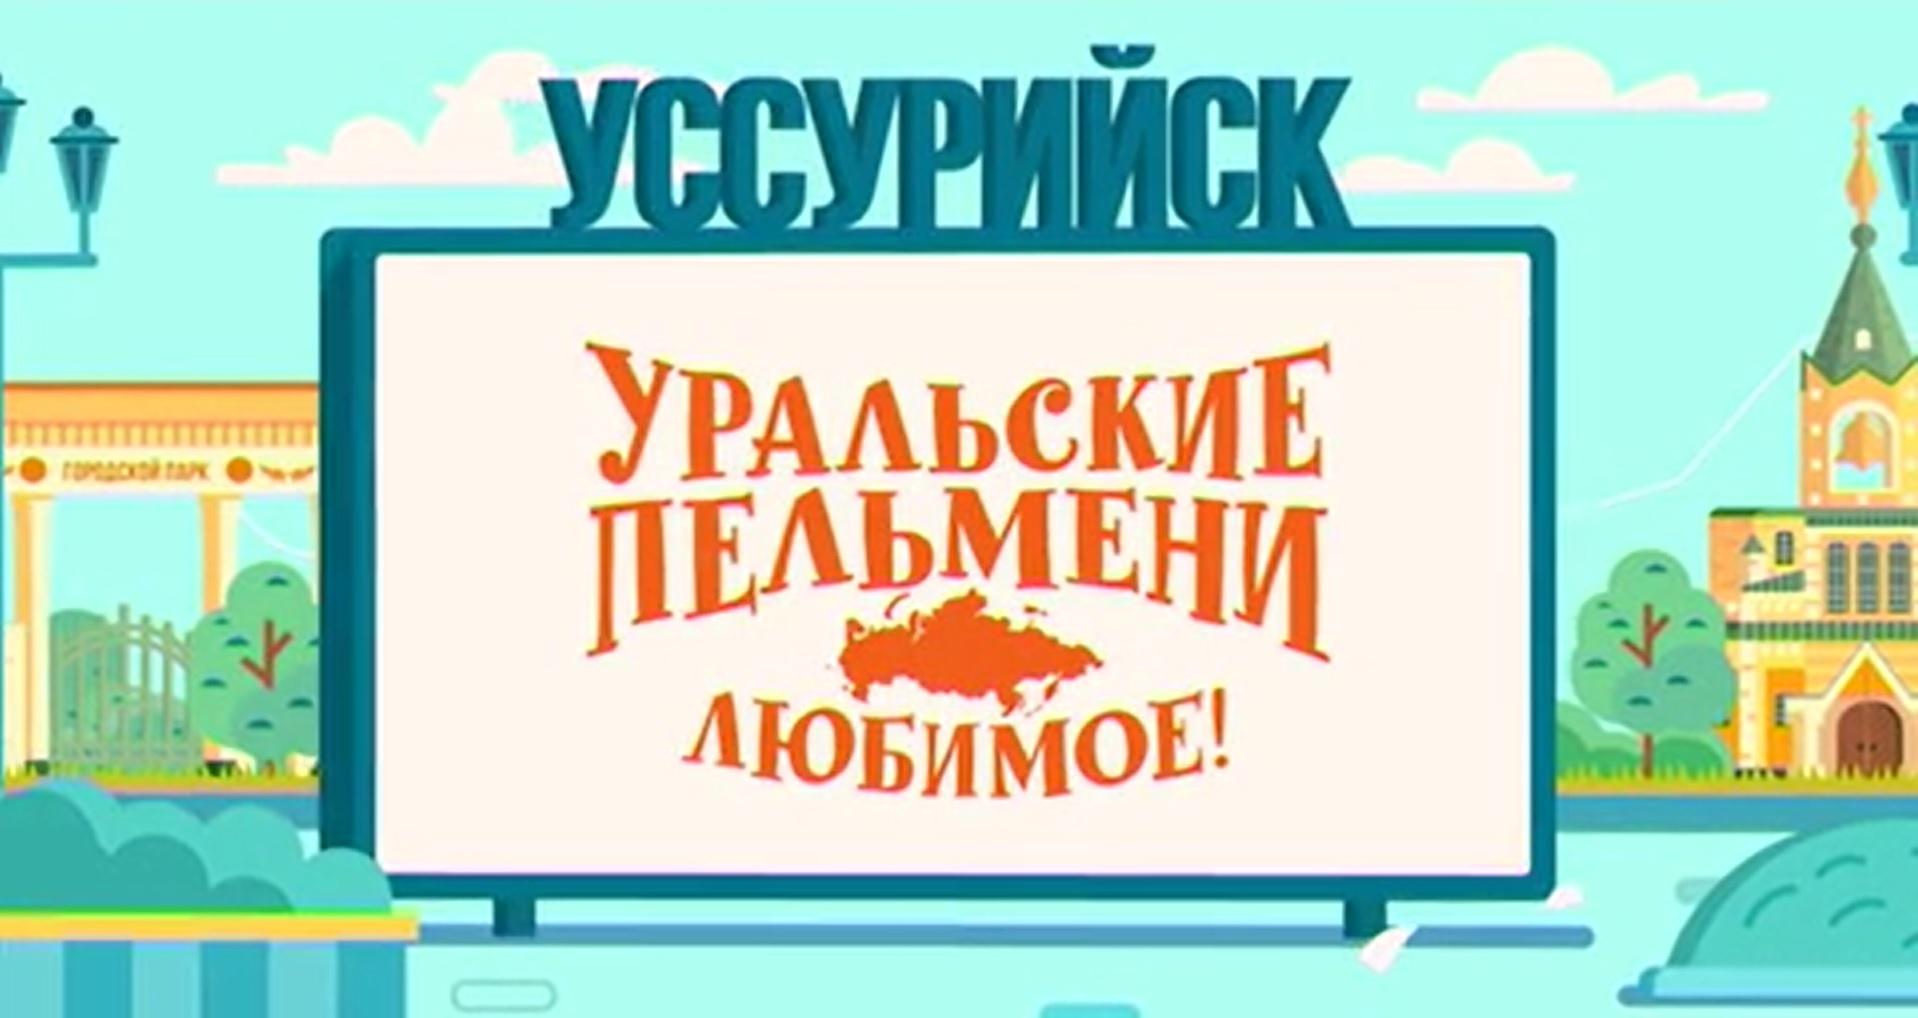 Творческий коллектив Уральские Пельмени Уральские пельмени. Любимое. Усурийск творческий коллектив уральские пельмени уральские пельмени оливьеды